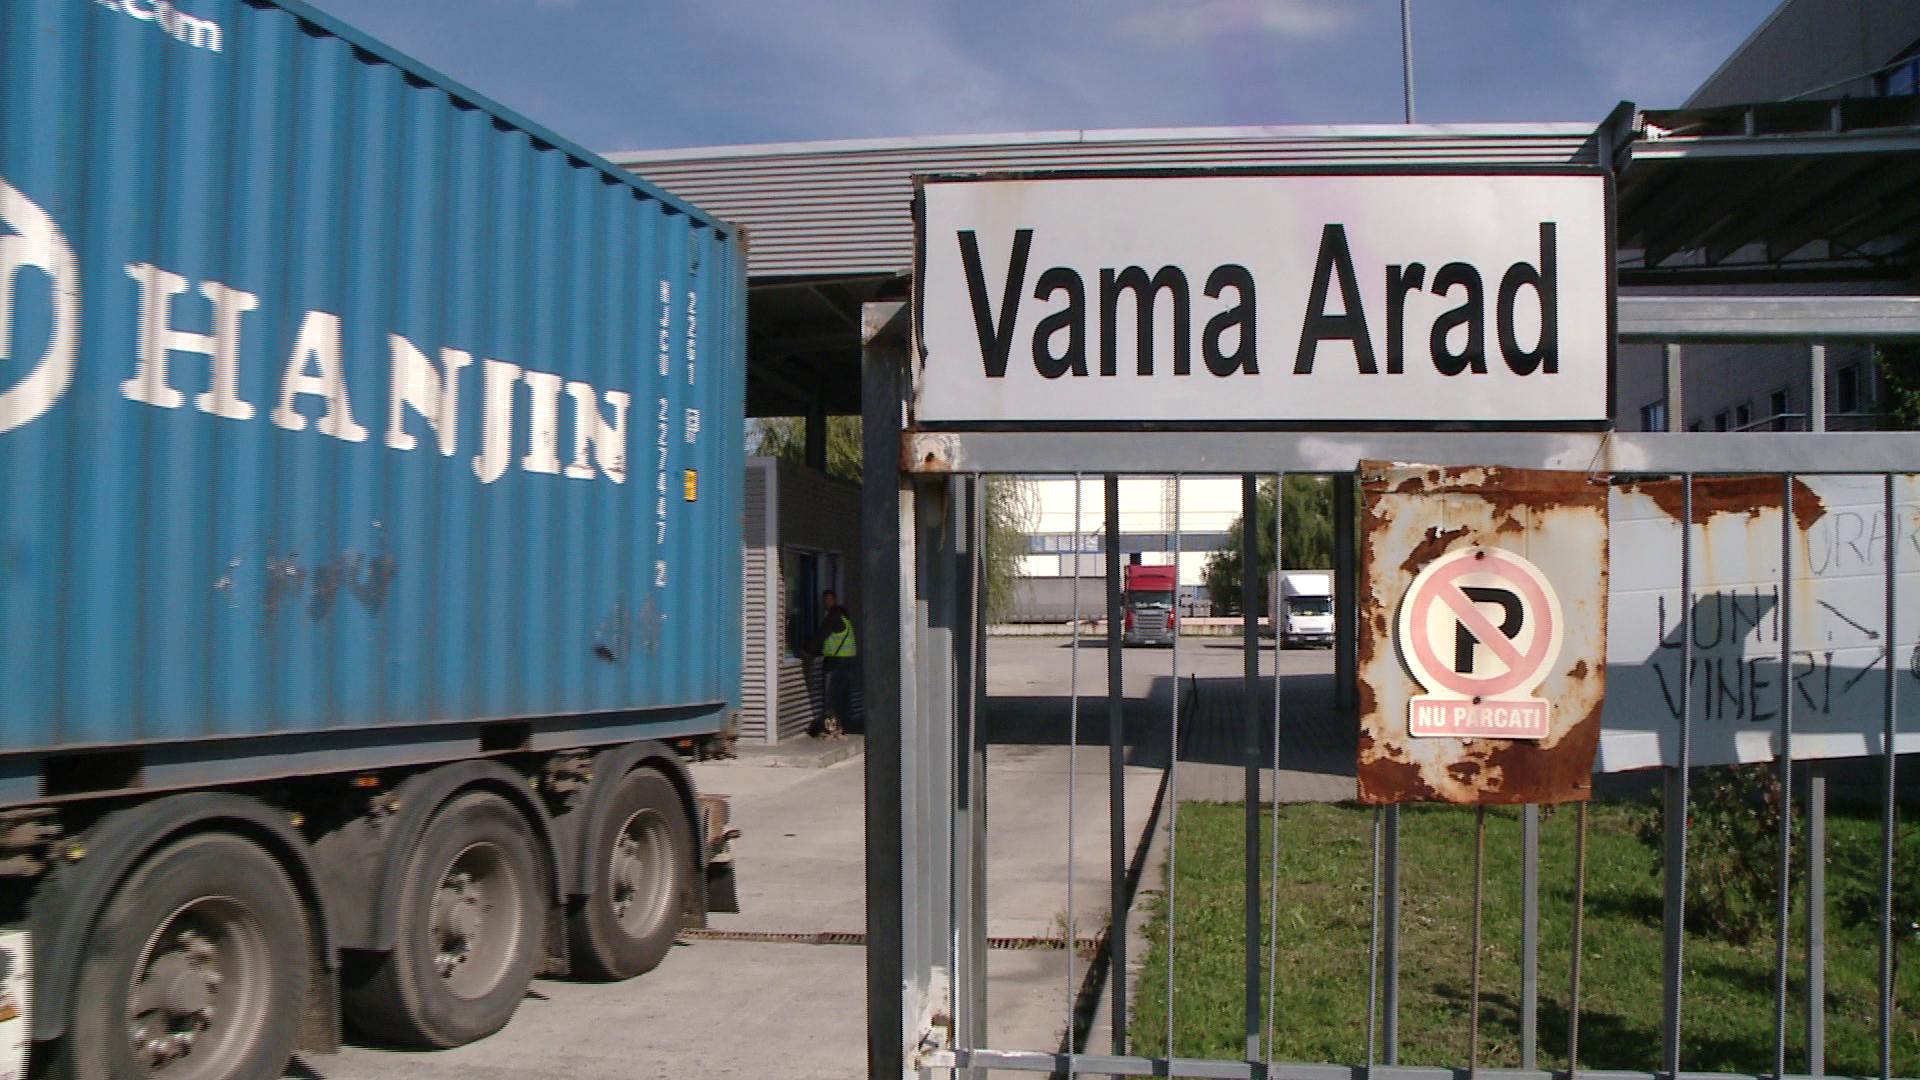 Au disparut 70 de tone de carburanti din incinta Vamii Arad. Autoritatile au intrat in alerta